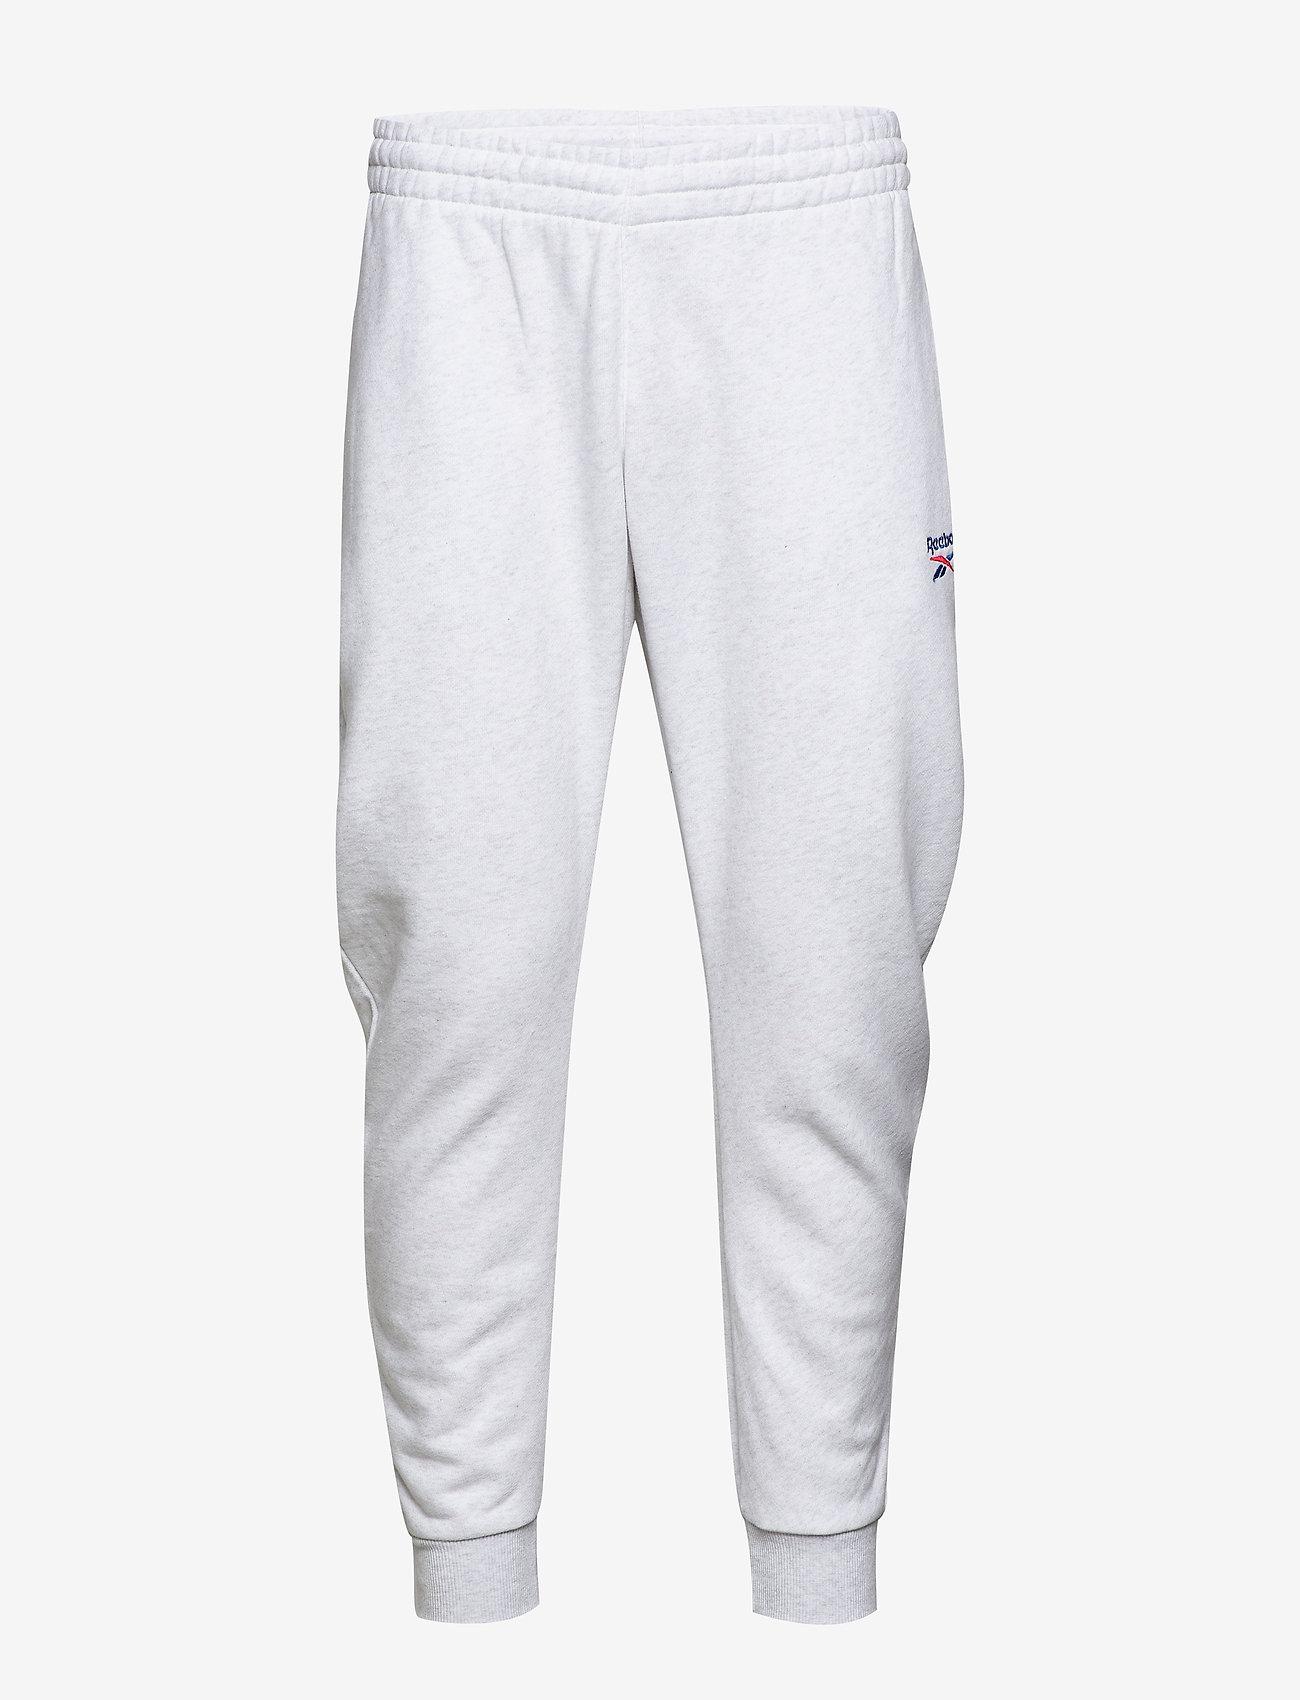 Reebok Classics - CL F VECTOR PANT - pants - whtmel - 1